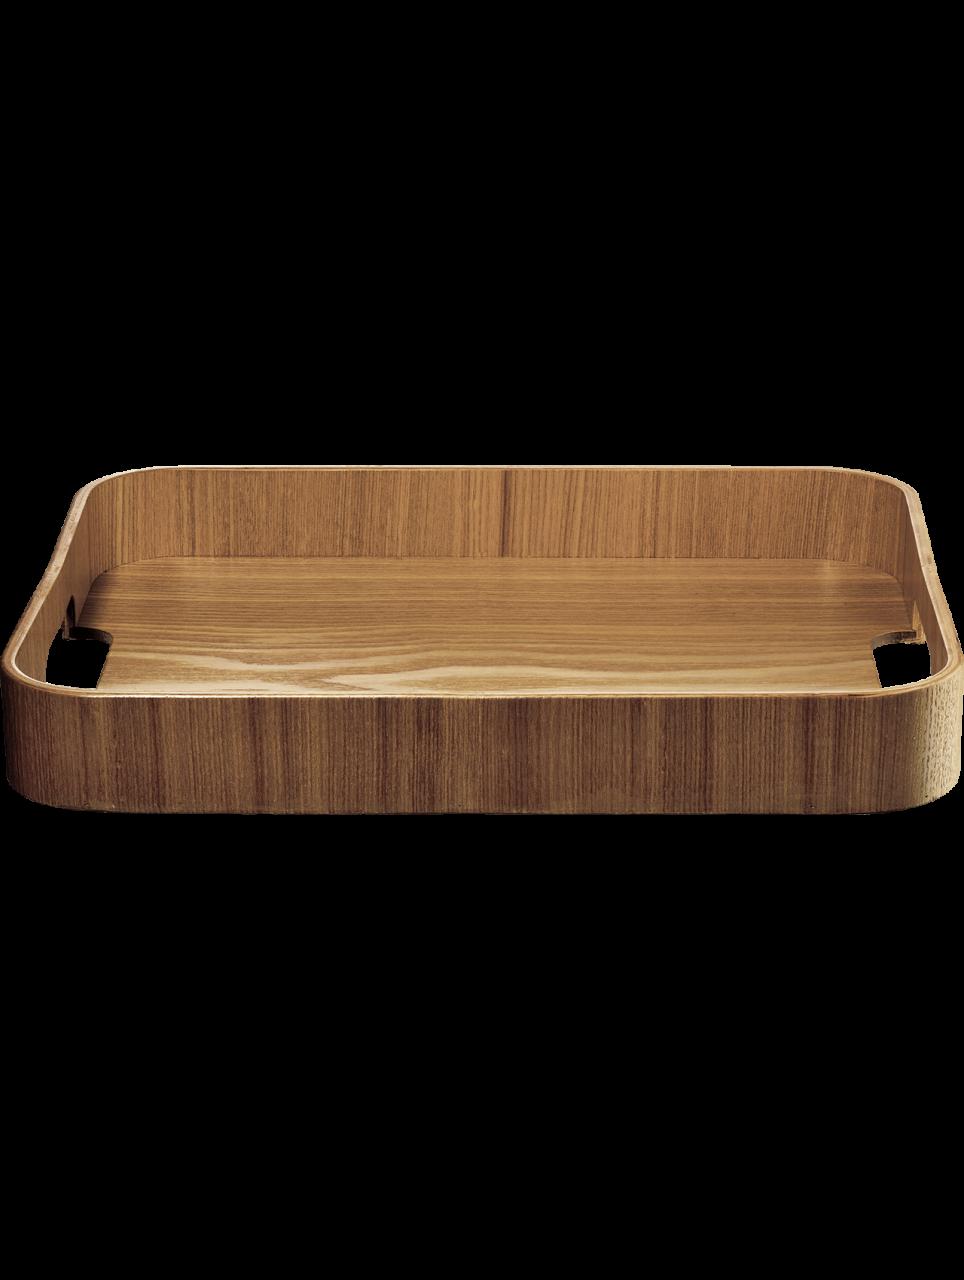 Holztablett, rechteckig